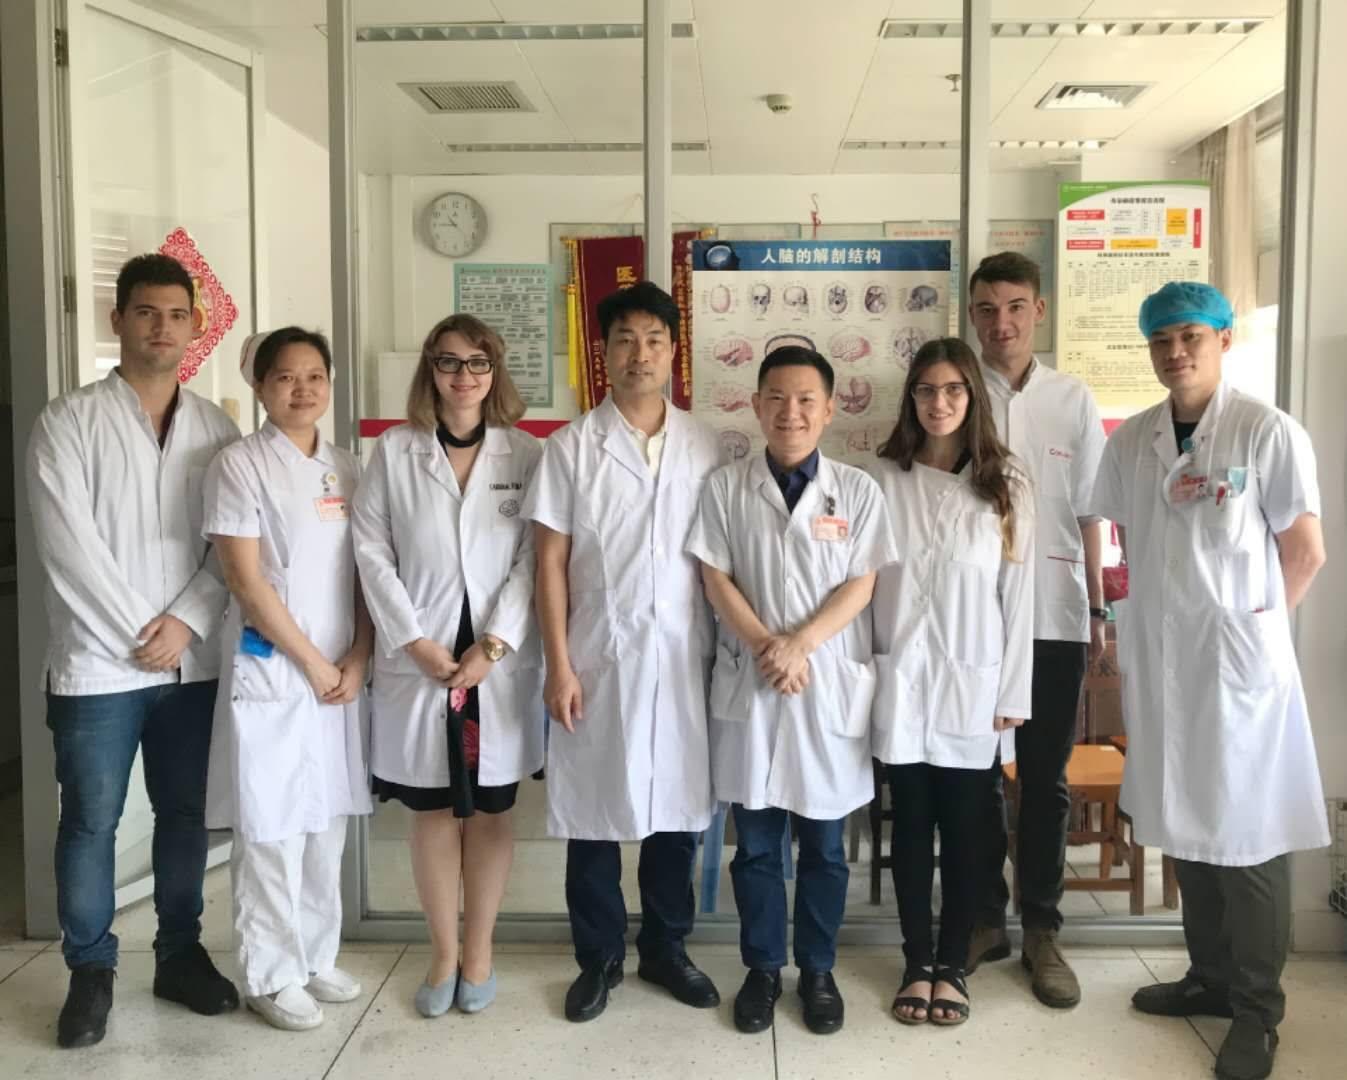 Studenții UMFST Târgu Mureș, despre experiența numită Universitatea de Medicină din Shantou, China